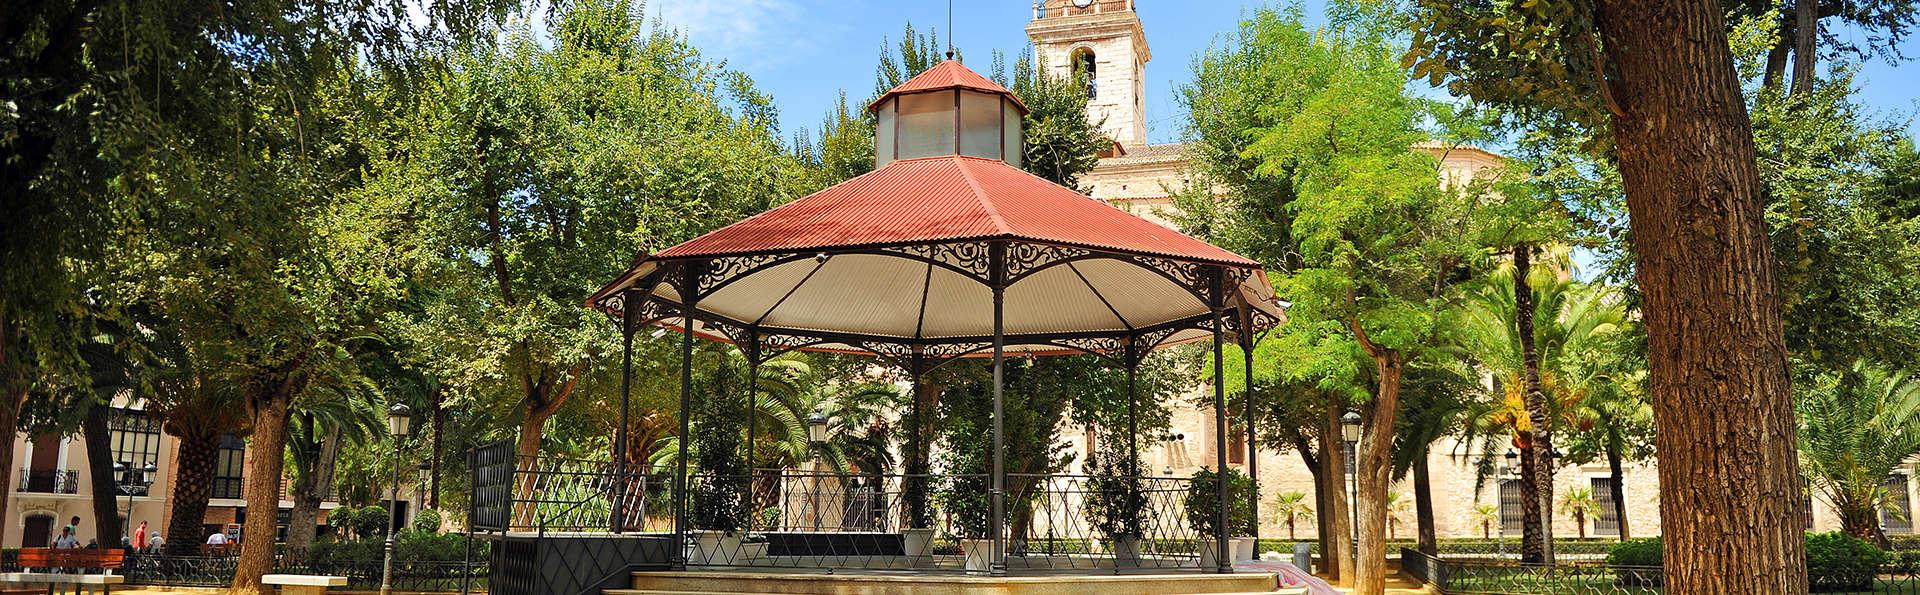 Hotel Sercotel Guadiana - Edit_CiudadReal.jpg